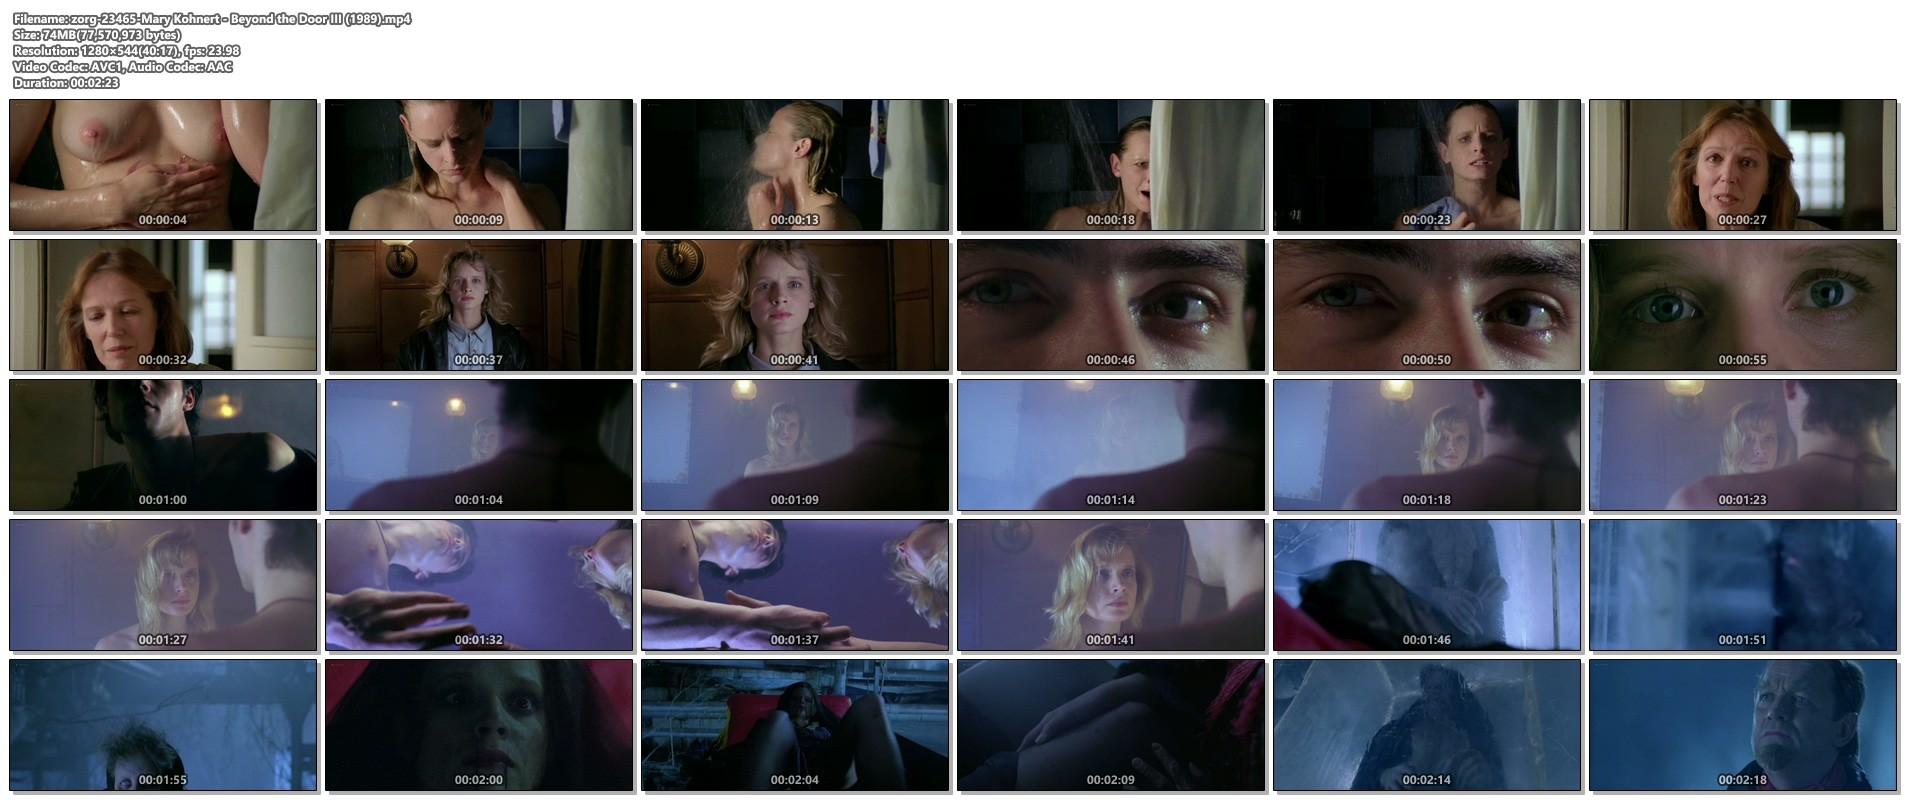 Mary Kohnert nude topless in the shower - Beyond the Door III (1989) 720p (1)